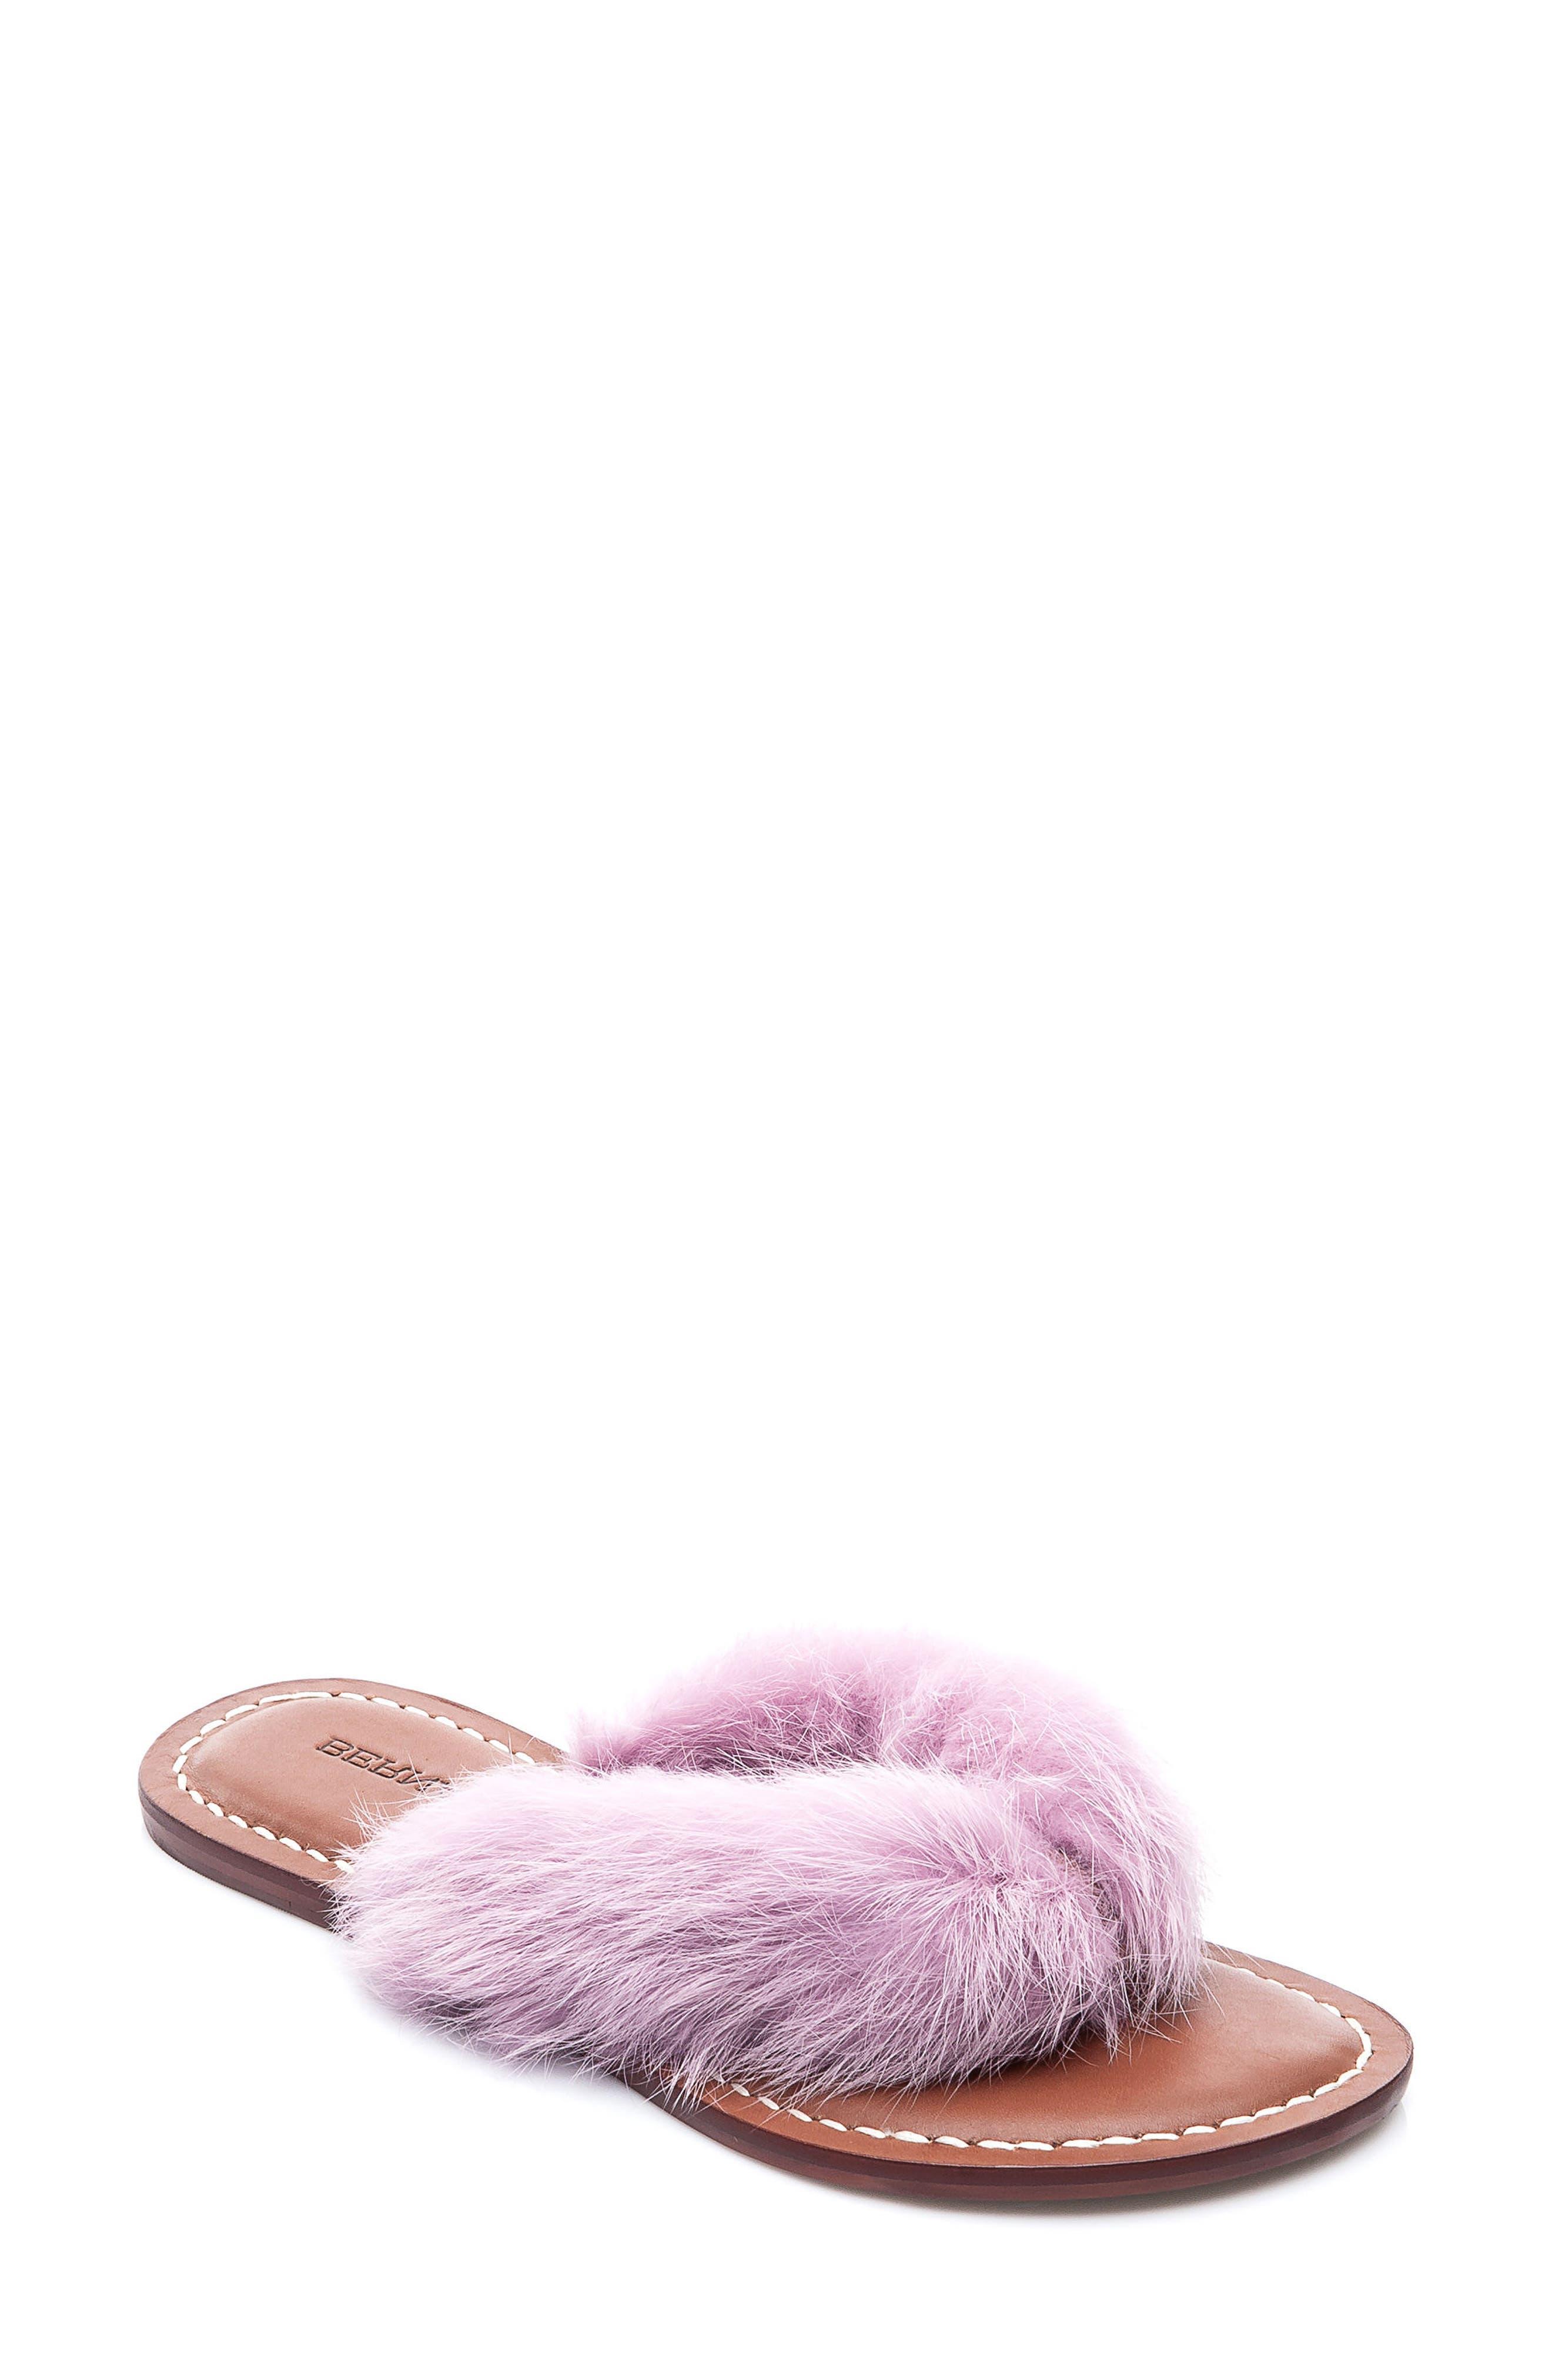 Genuine Rabbit Fur Flip Flop,                             Main thumbnail 1, color,                             Light Pink Fur